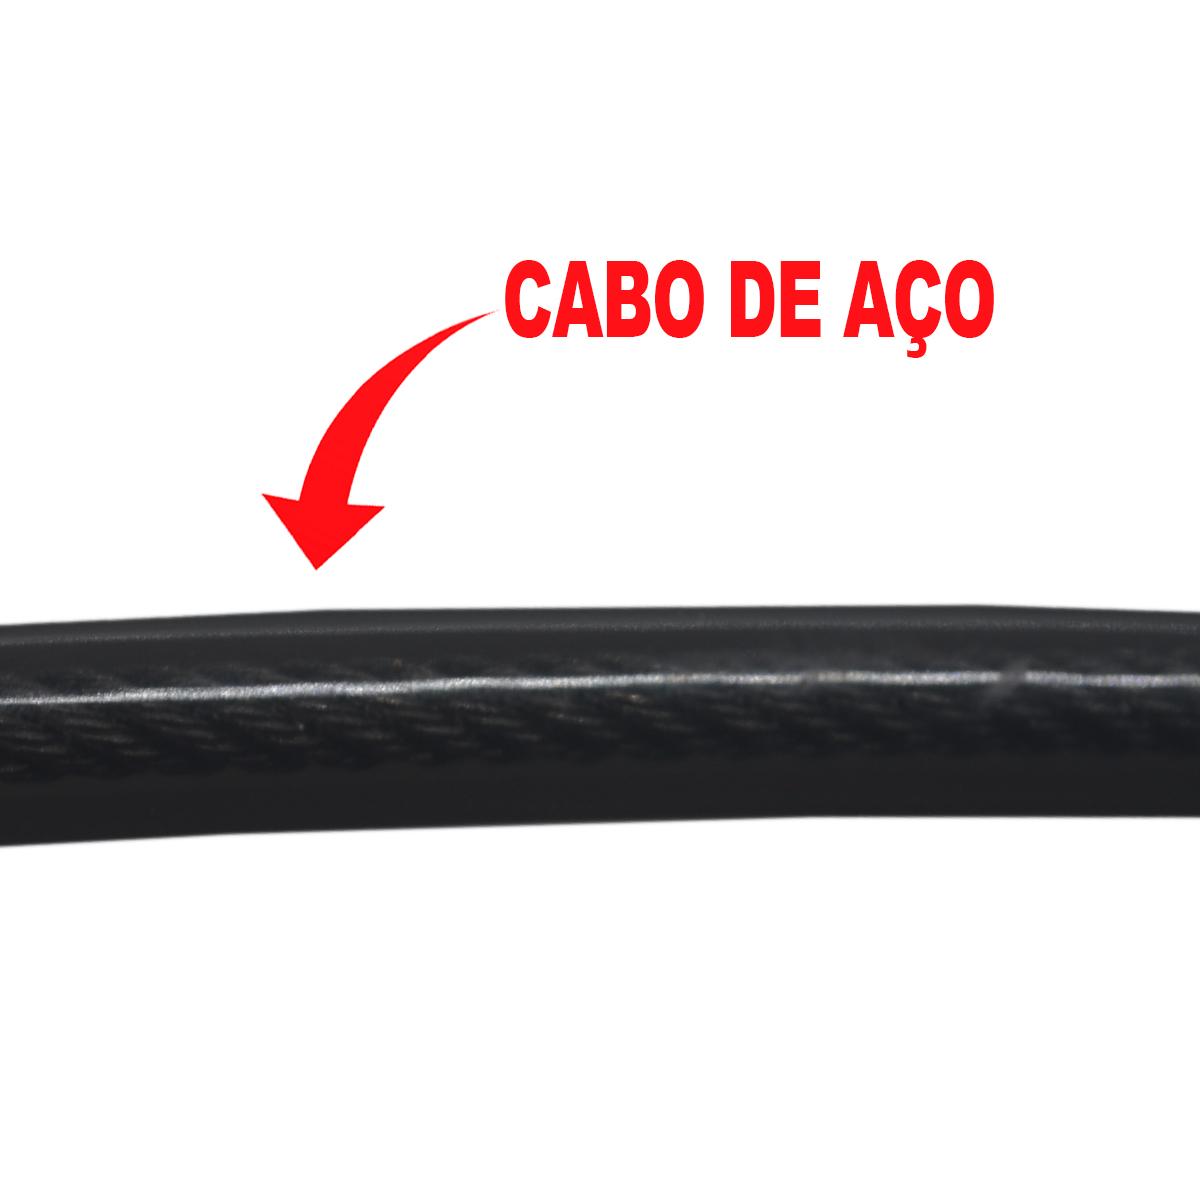 Cadeado Cabo Aço 1,2mx12mm Concept Basic Chave Preto